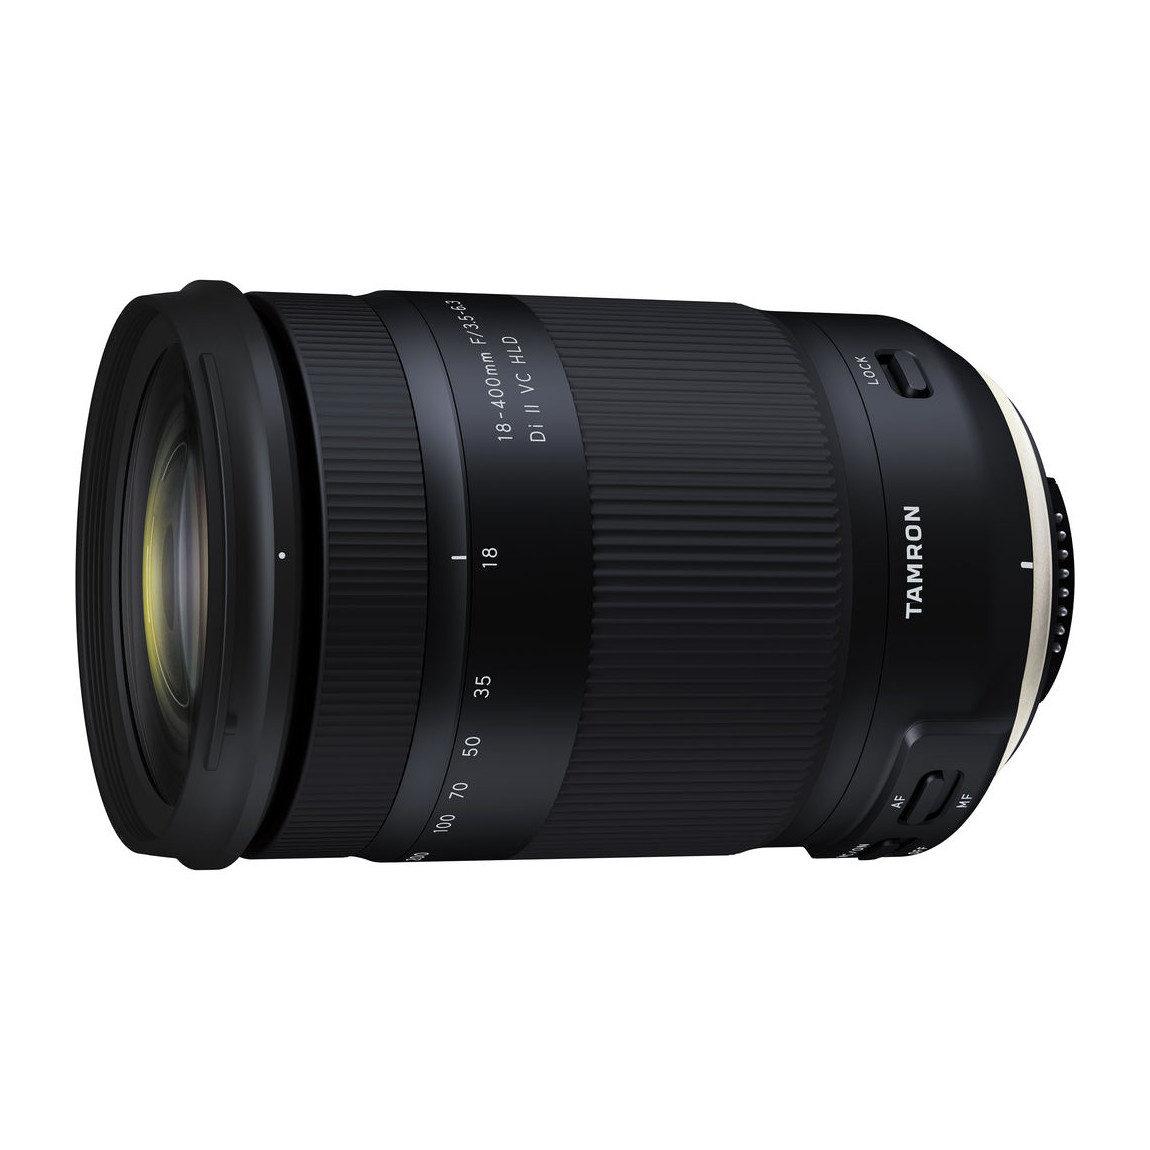 Foto van Tamron 18-400mm f/3.5-6.3 Di II VC HLD Nikon objectief